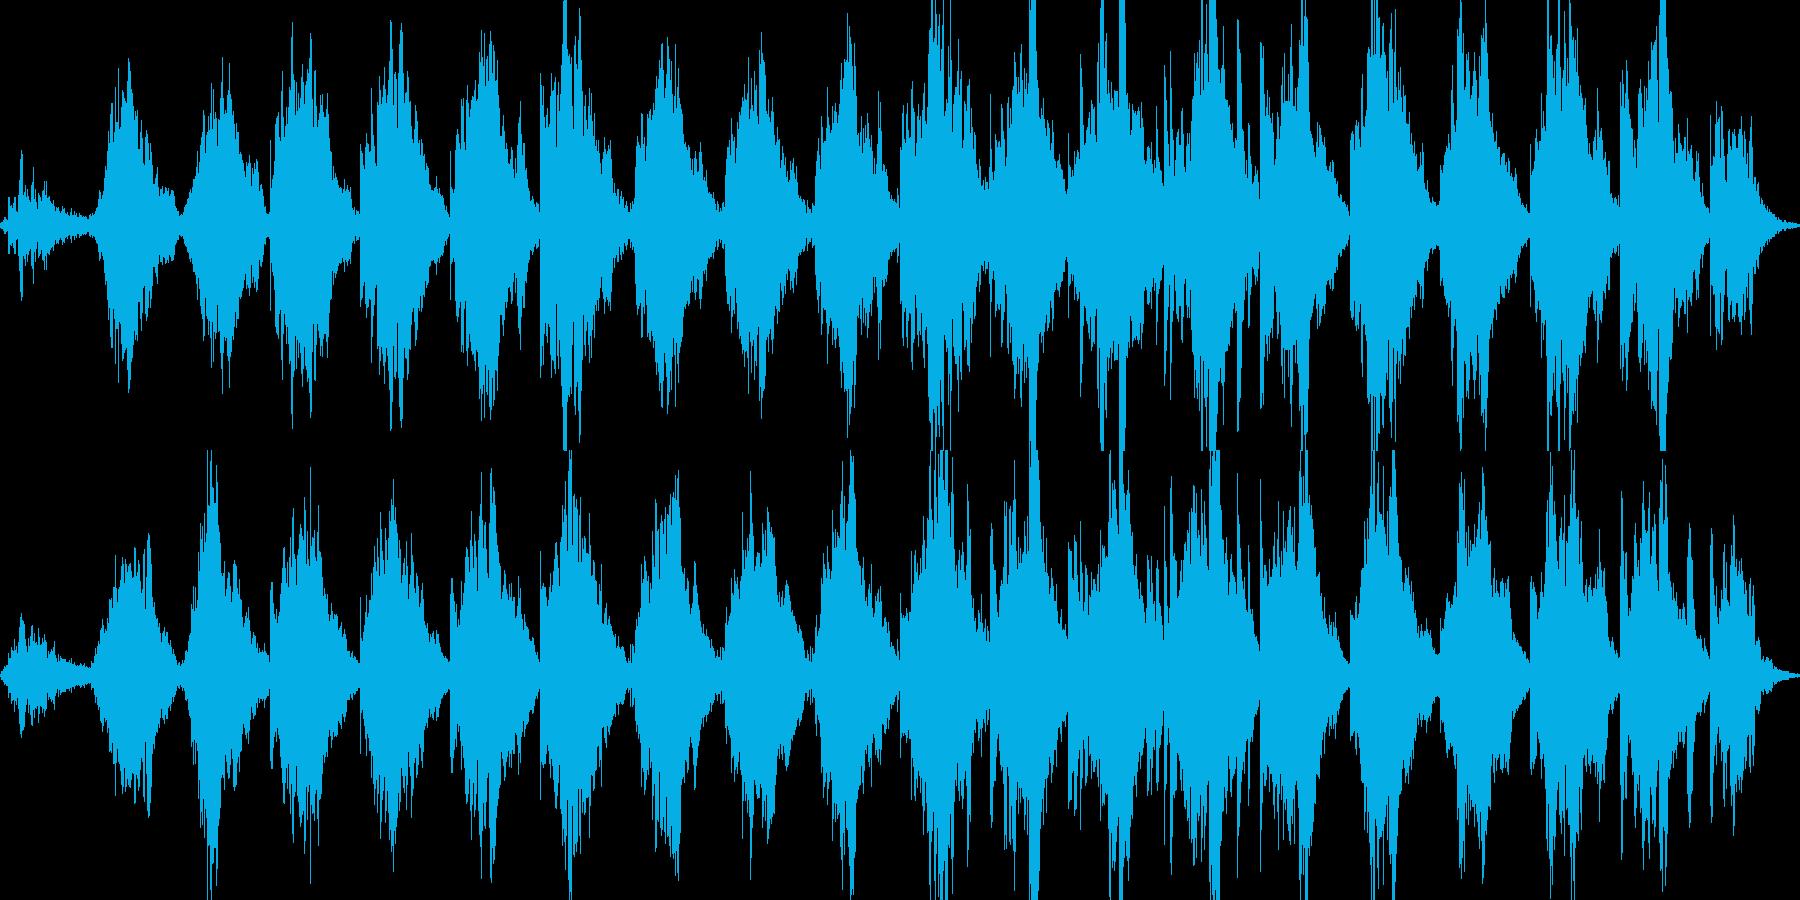 【ループ】涙で滲んだ視界のようなBGMの再生済みの波形